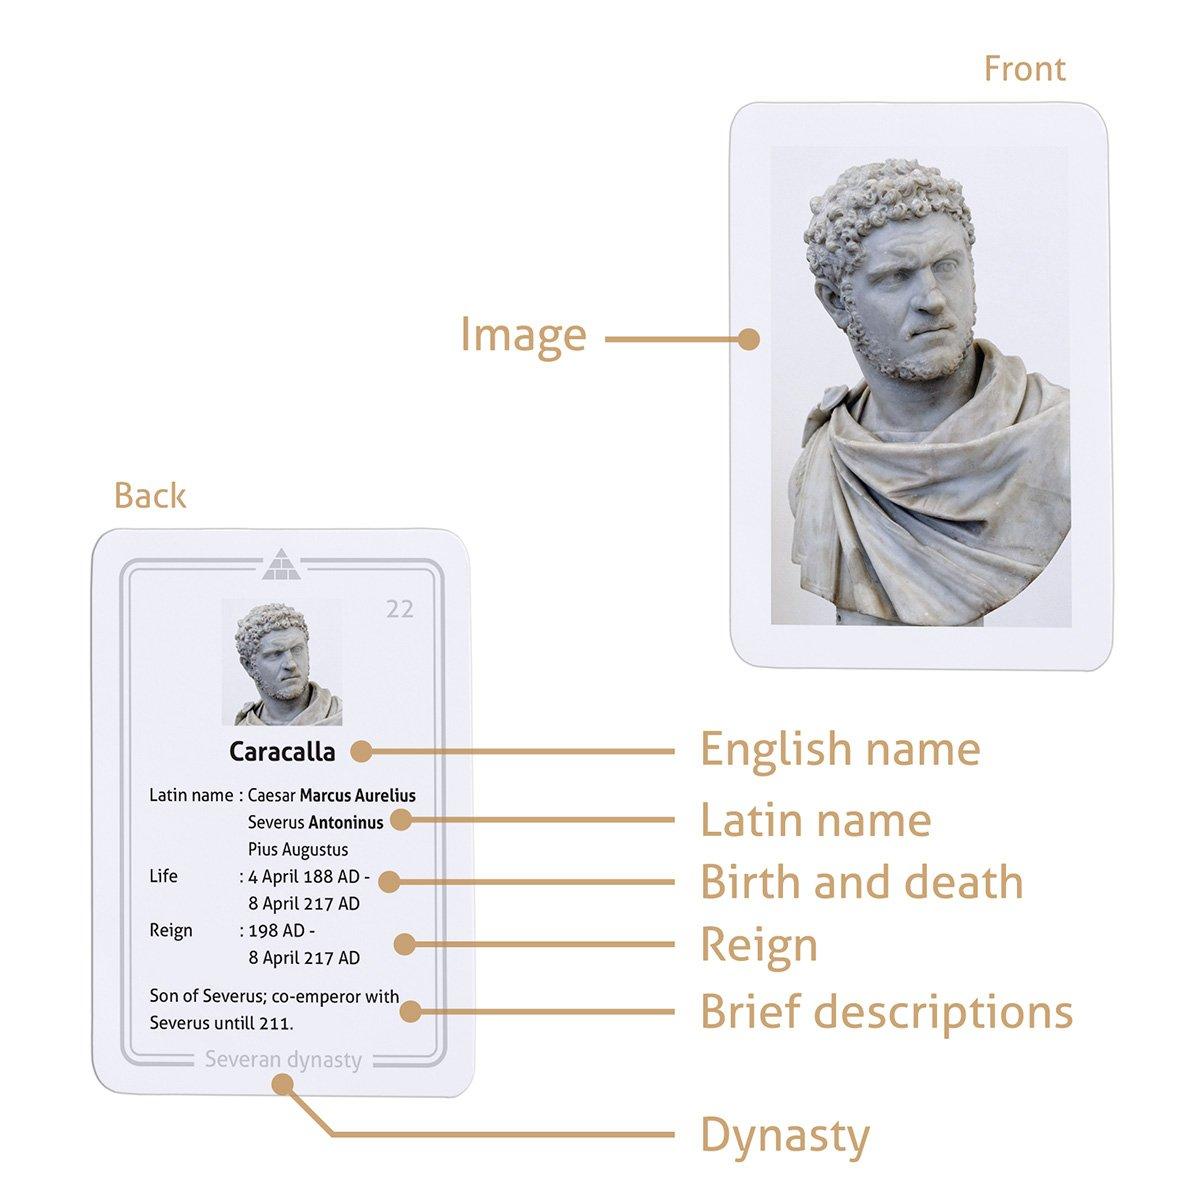 デキムス・カエリウス・カルウィヌス・バルビヌス